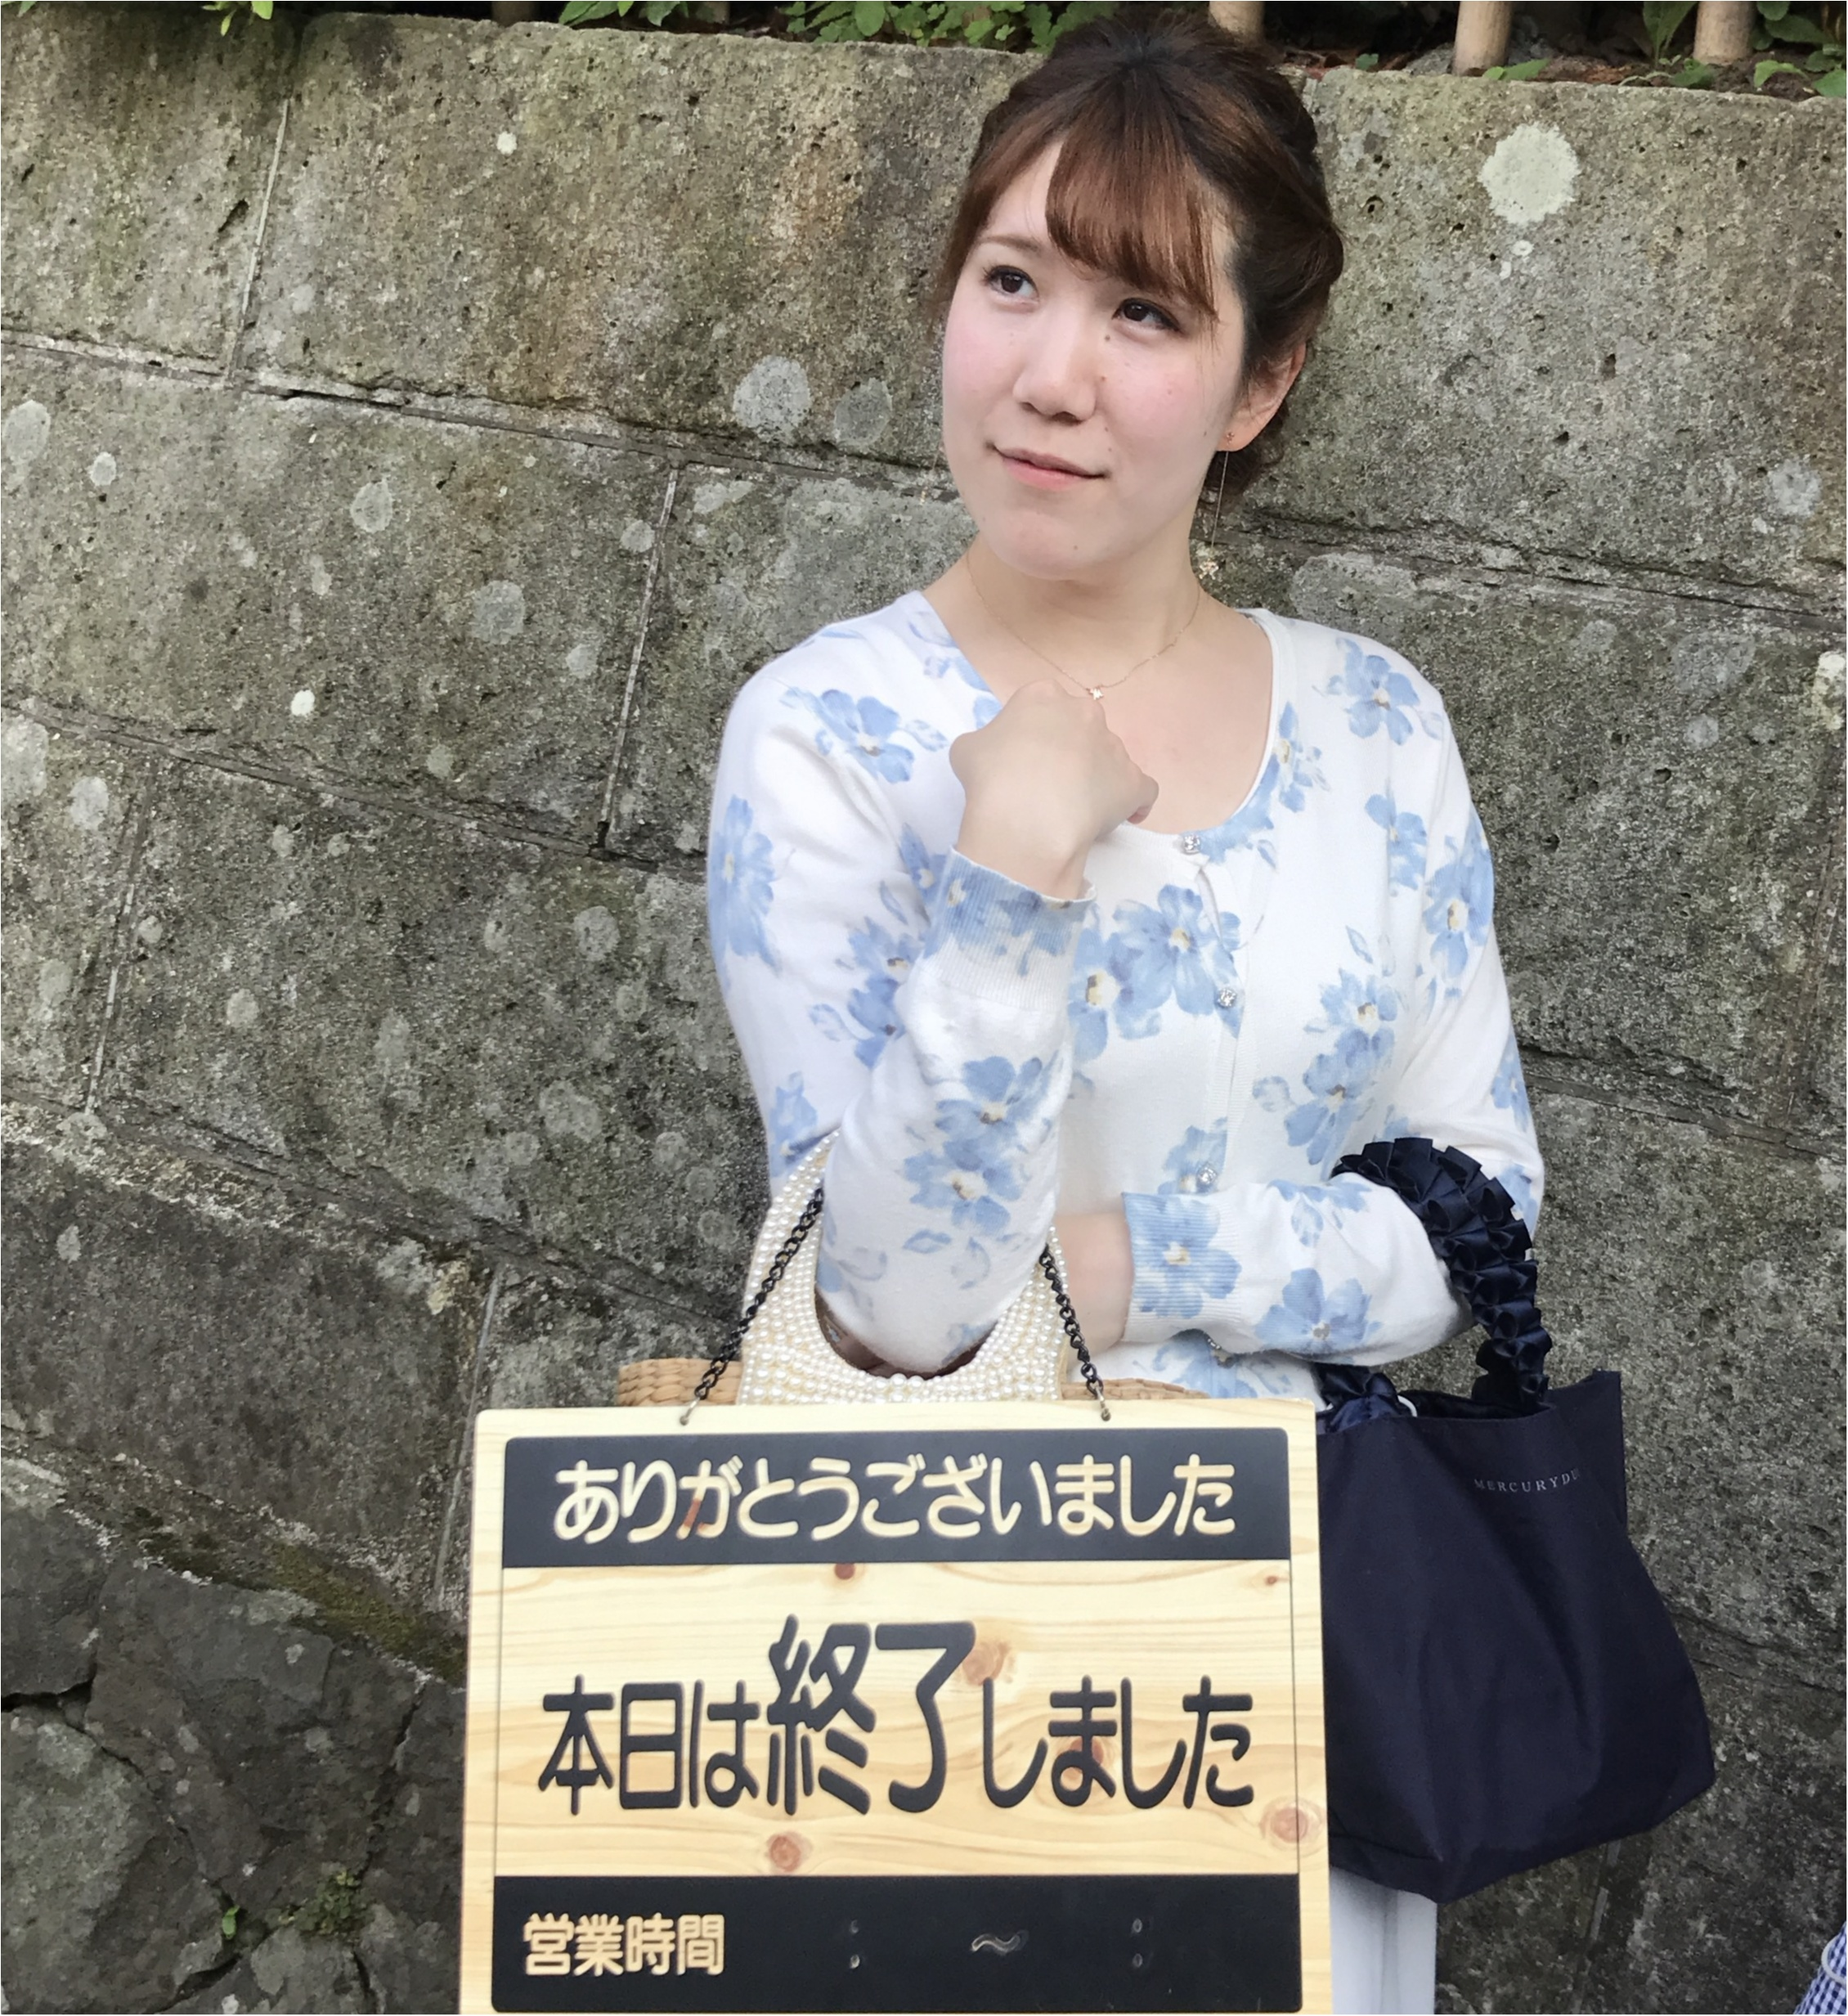 【鎌倉グルメ】こんなの初めて!「茶房雲母」の出来たてモチモチ白玉が絶品すぎるっ♡_2